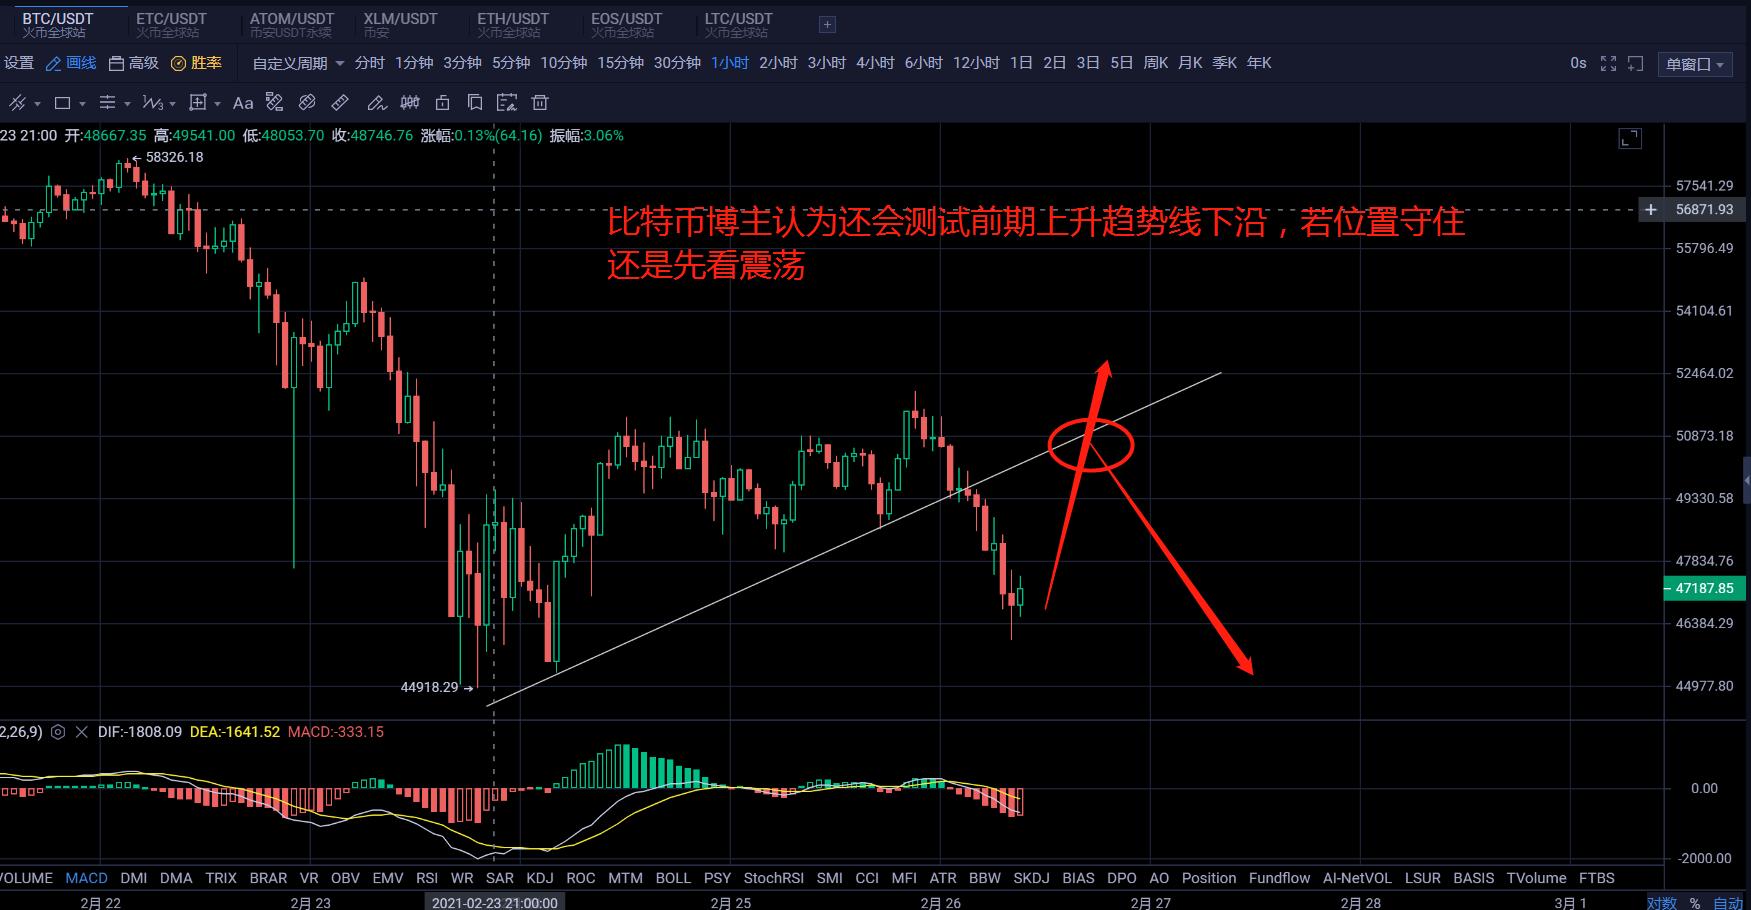 谈比特币:2.26比特币市场分析,为什么总是被切?